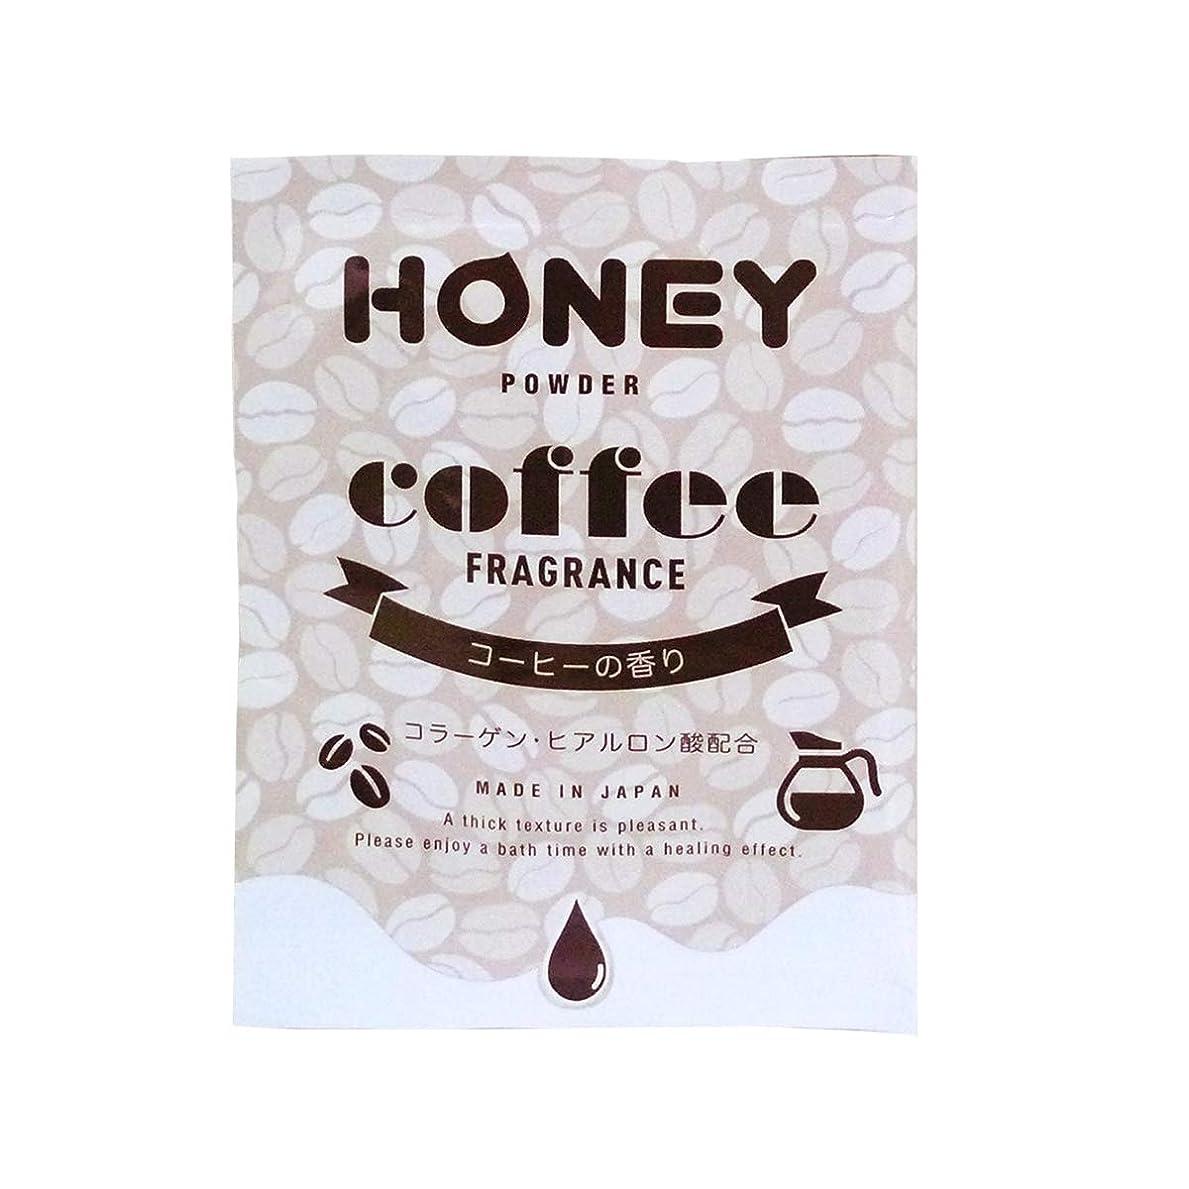 退化するコメンテーターアラブサラボとろとろ入浴剤【honey powder】(ハニーパウダー) コーヒーの香り 粉末タイプ ローション